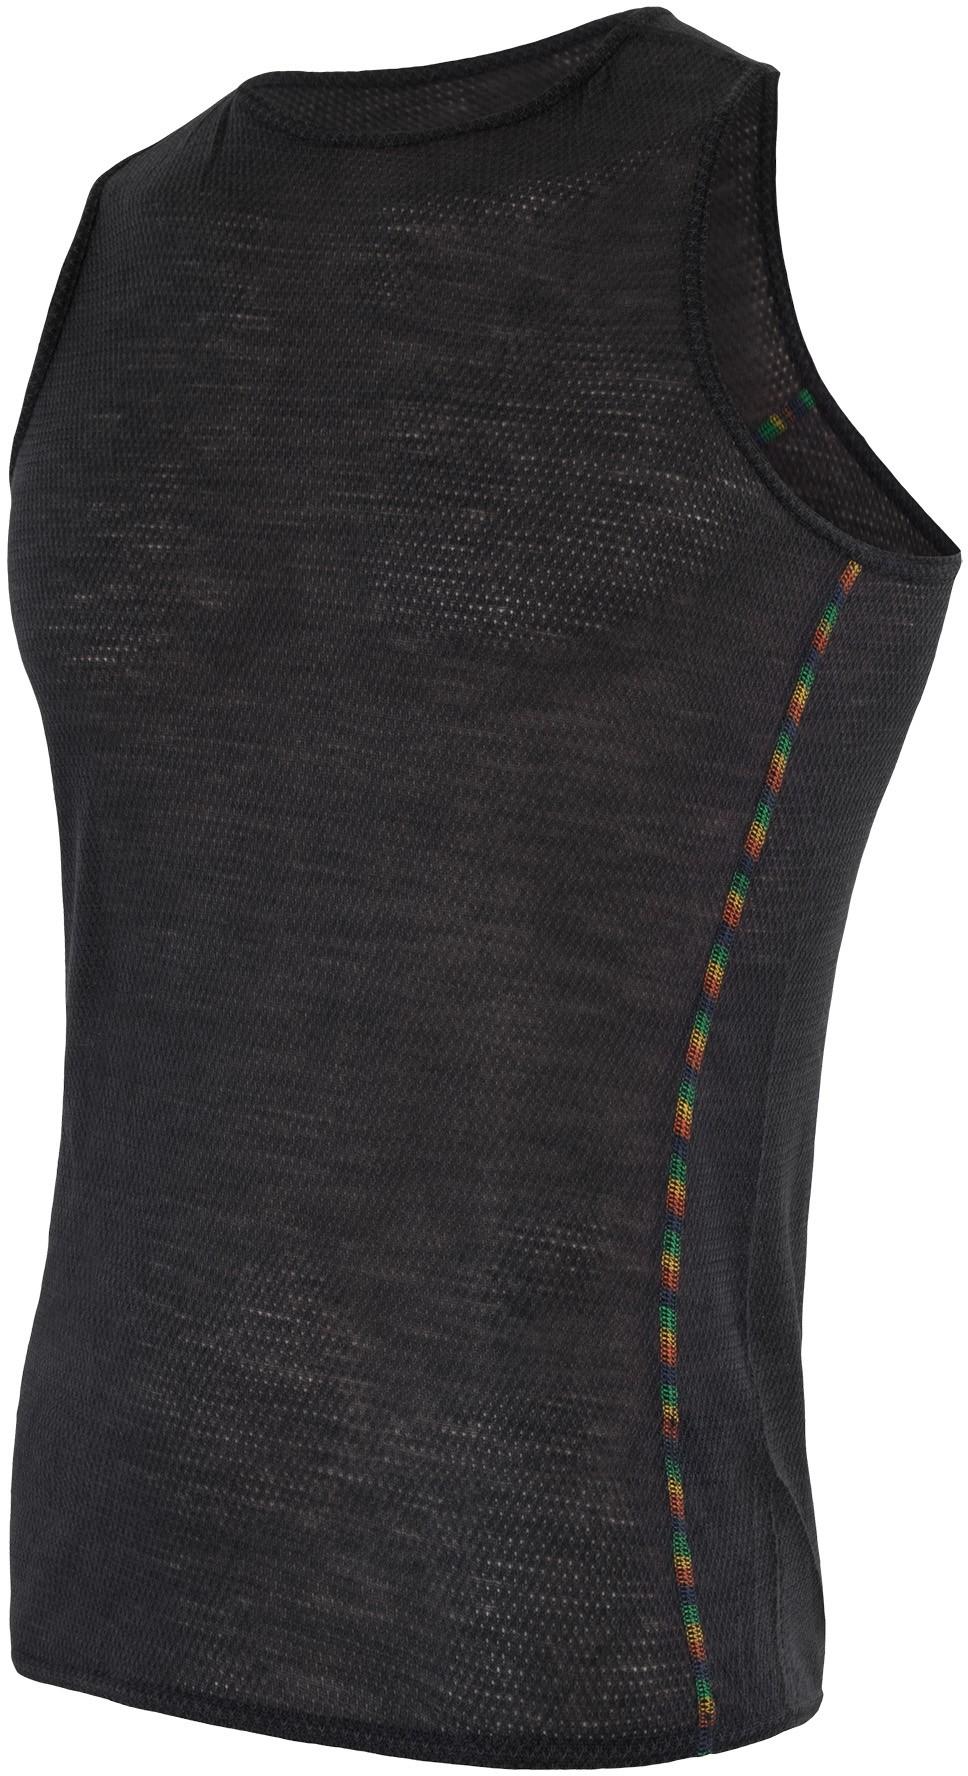 Sensor Merino Air pánské triko bez rukávu černá XXL